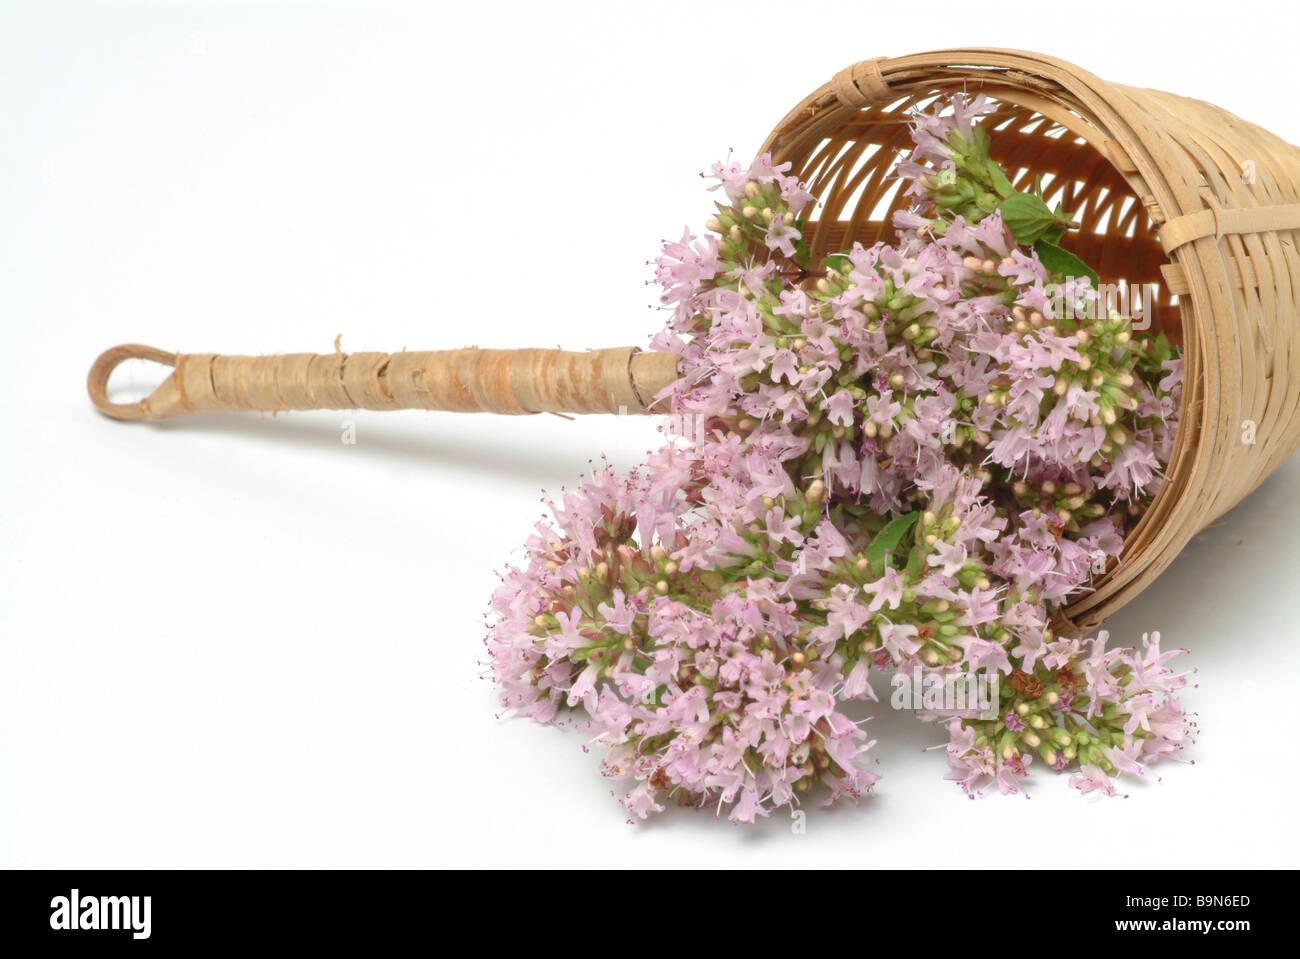 Medicinal plant Dost Oregano common marjoram Origanum vulgare - Stock Image